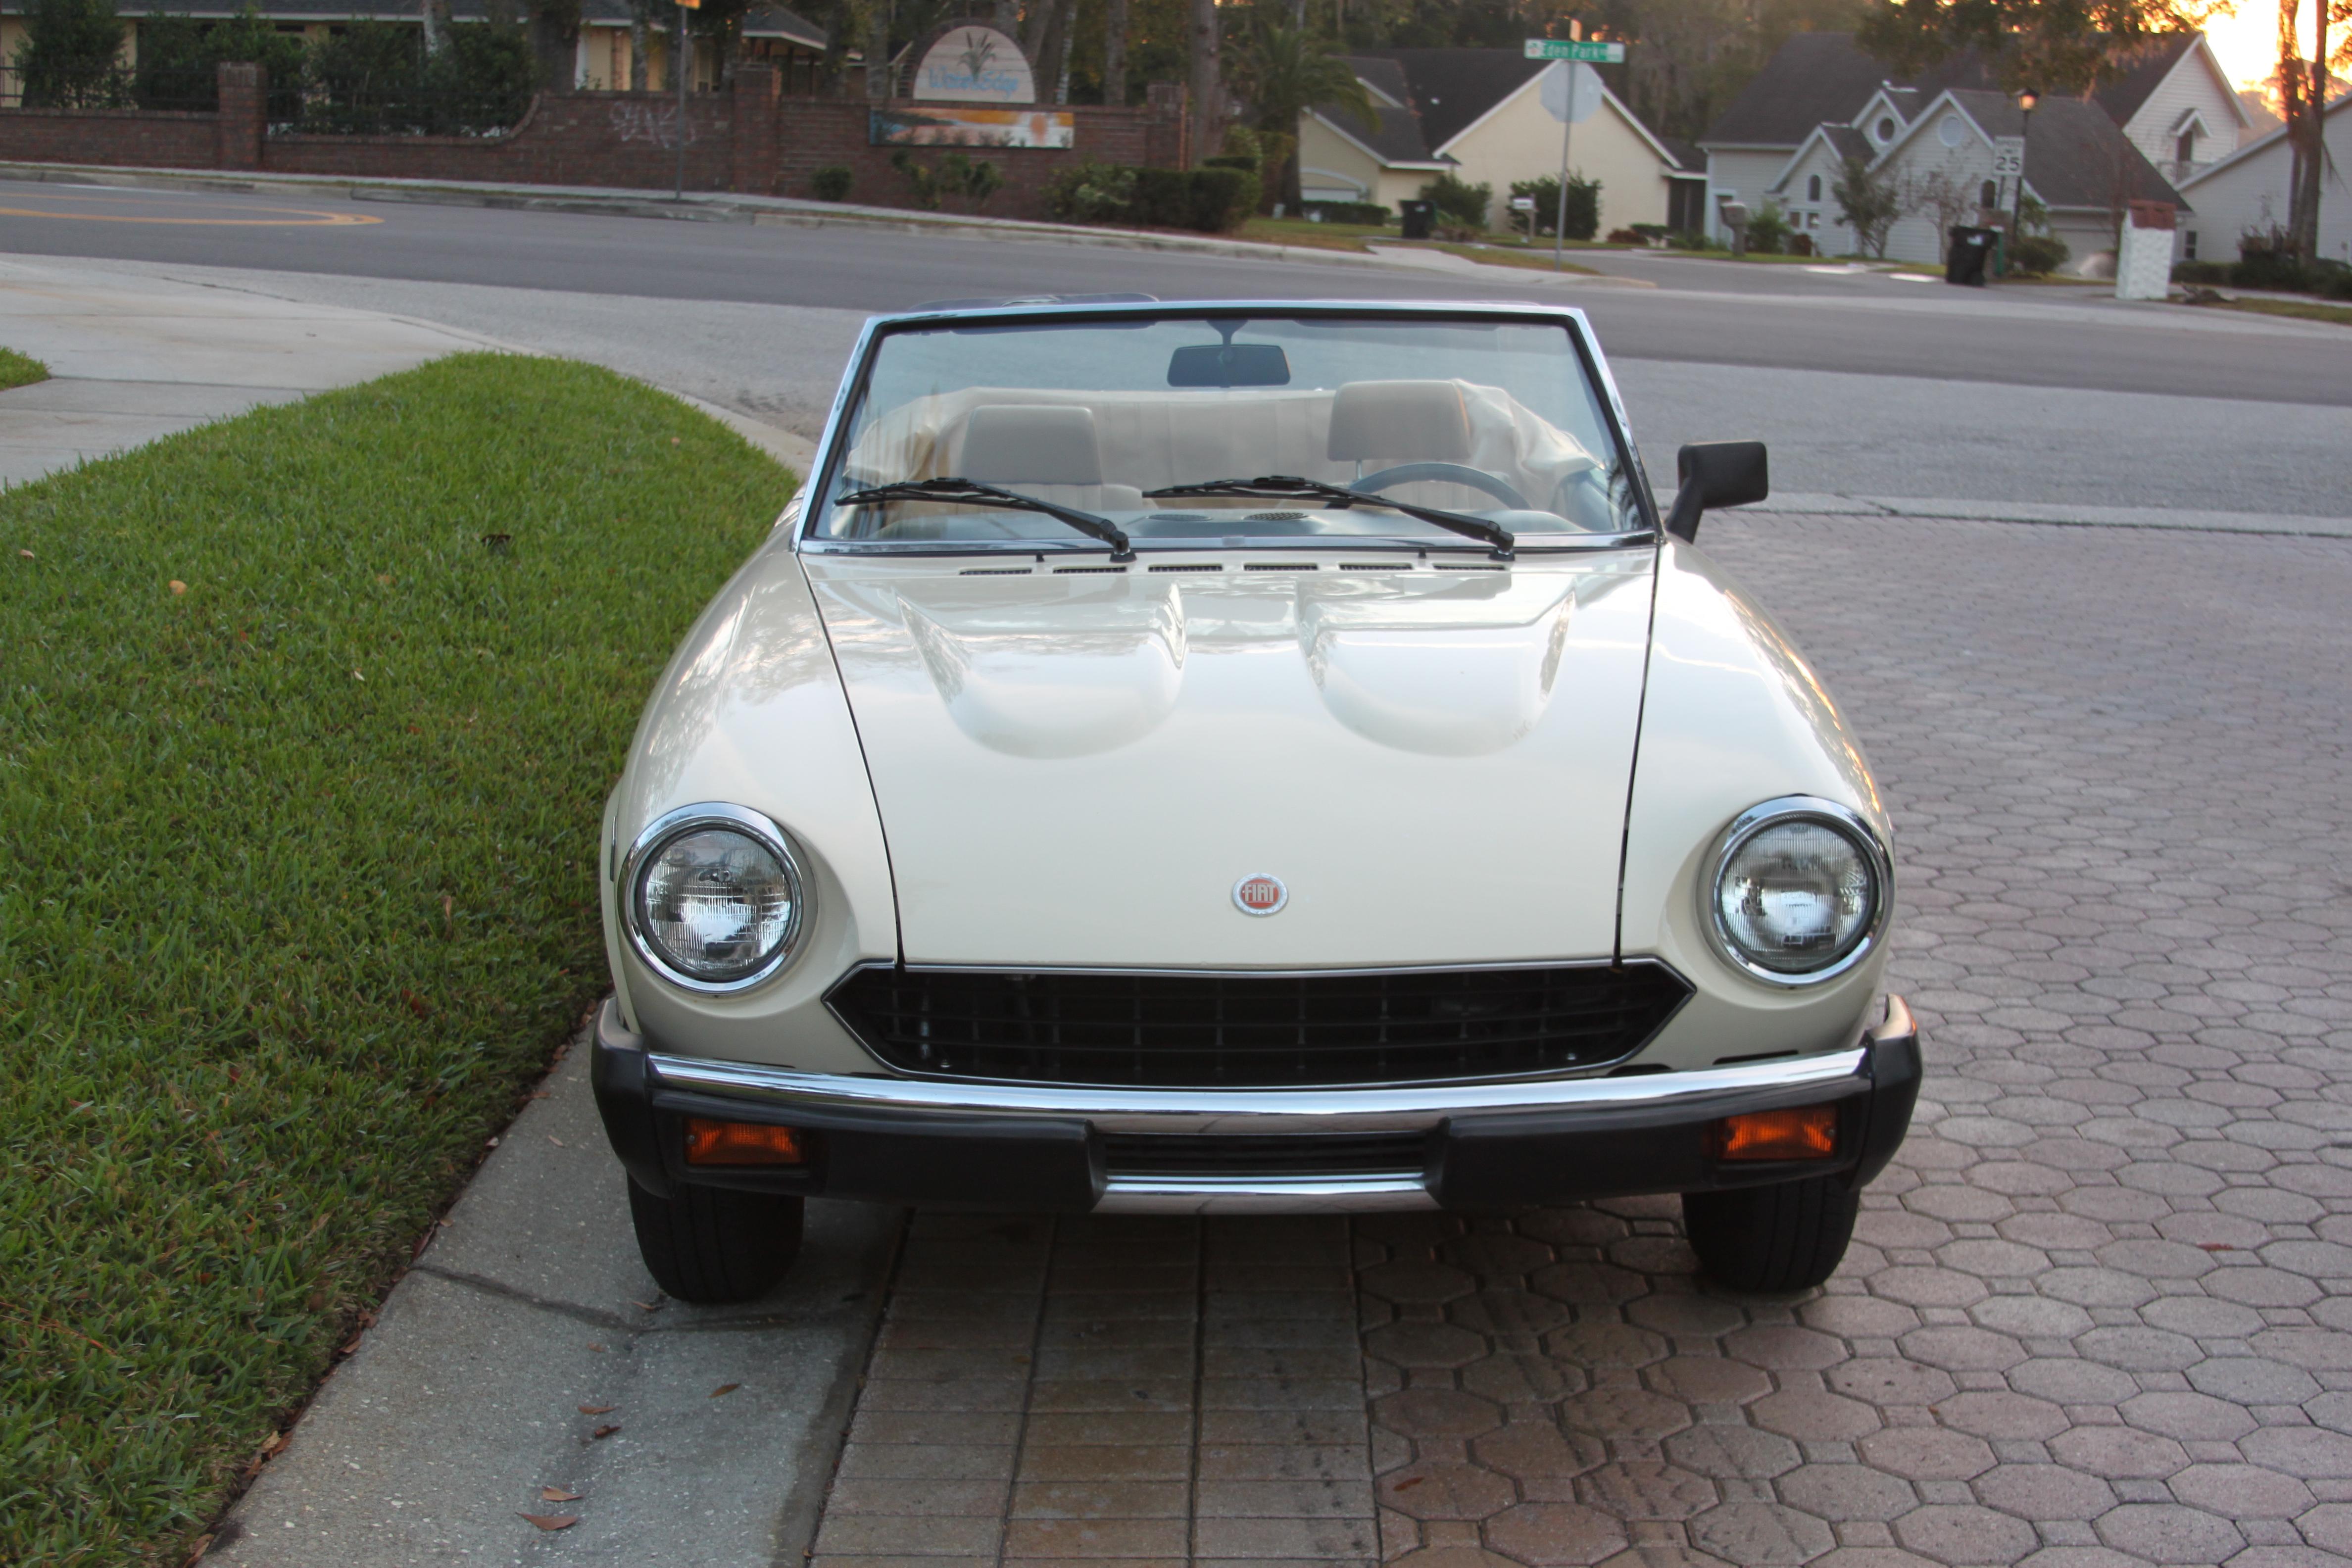 1980 fiat spider 2000 sold vantage sports cars vantage sports cars. Black Bedroom Furniture Sets. Home Design Ideas